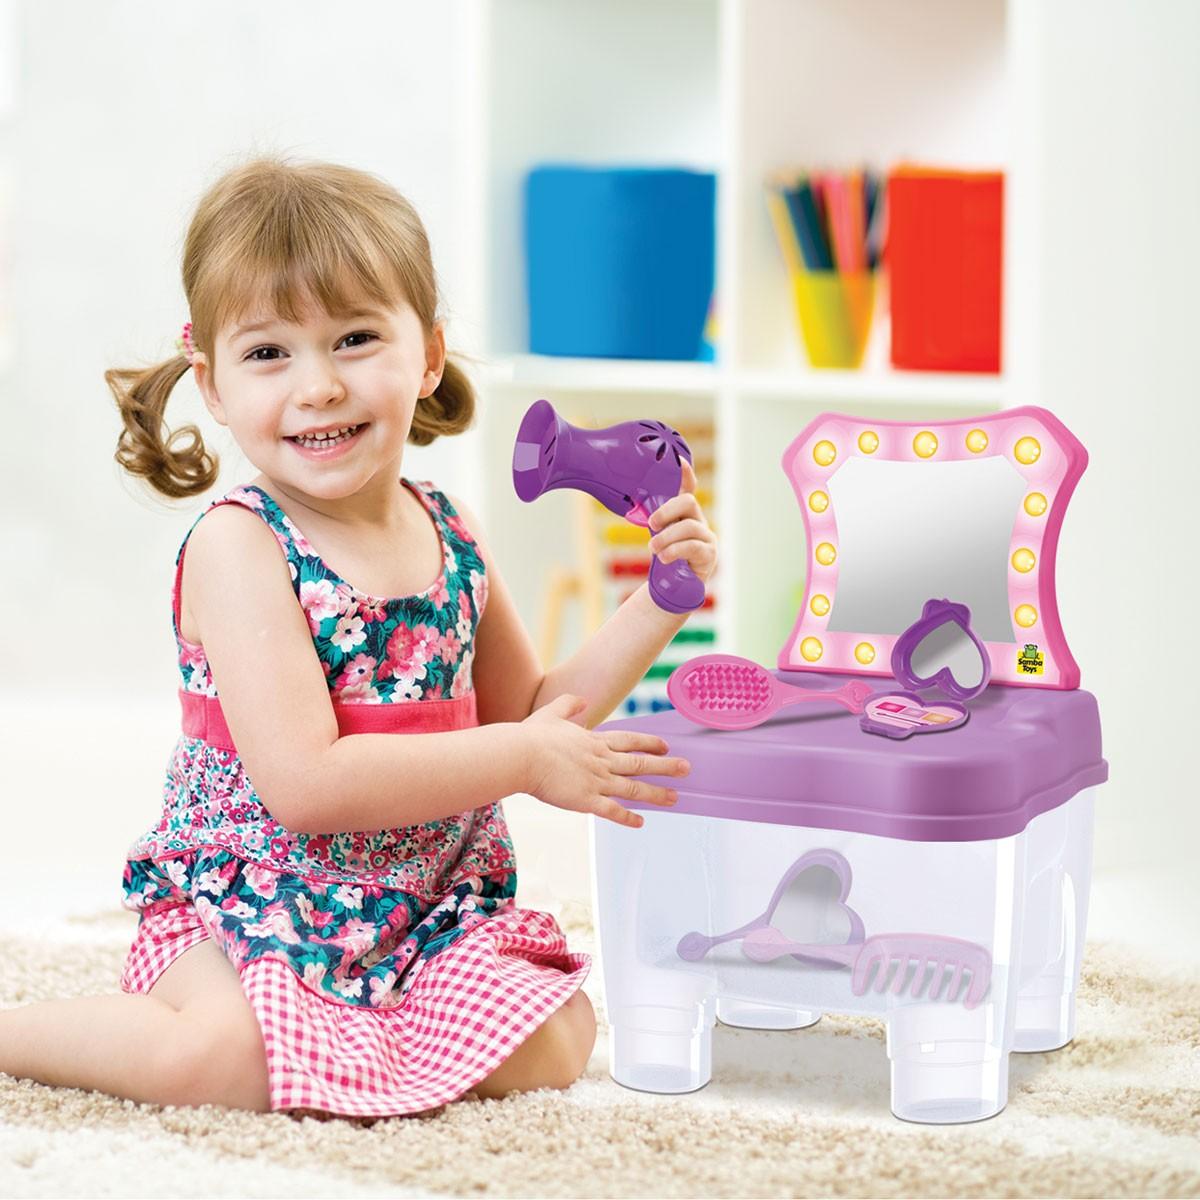 Cadeirinha Camarim Fashion com Acessorios Brinquedo Infantil